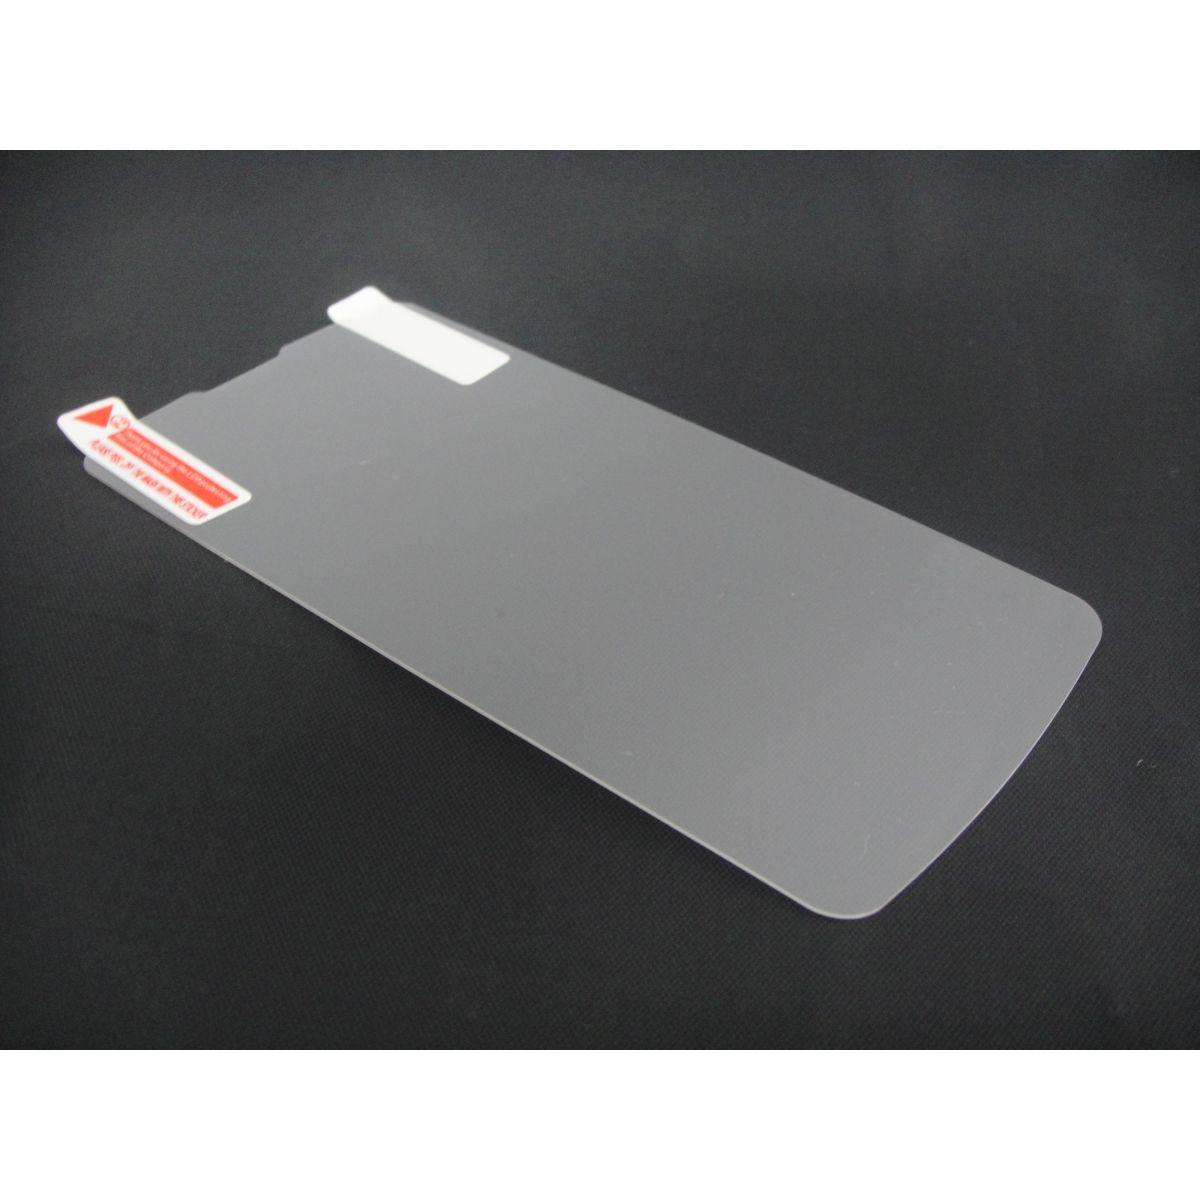 Película Protetora para Lg Nexus 4 E960 - Fosca